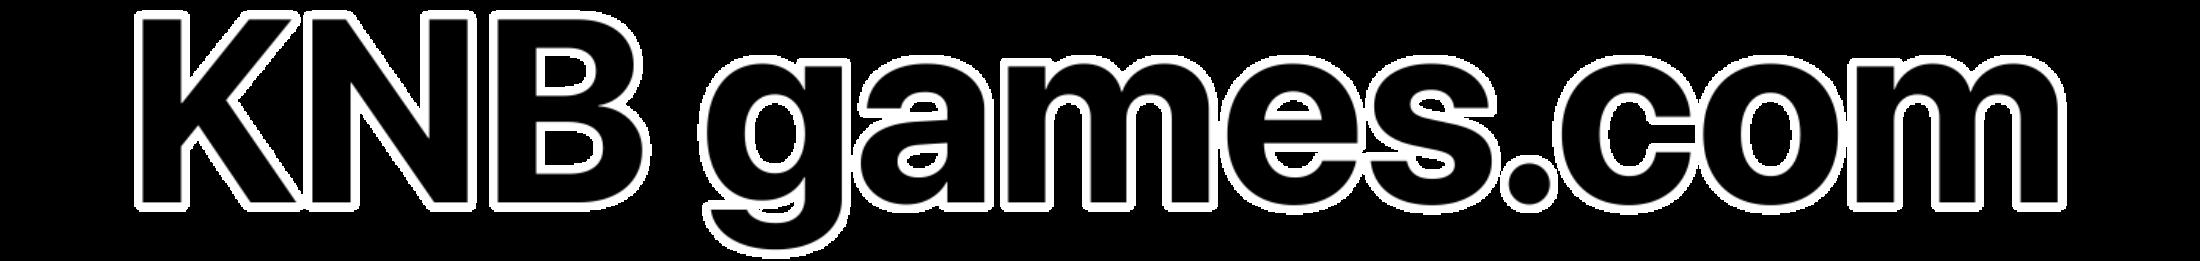 KNB games.com